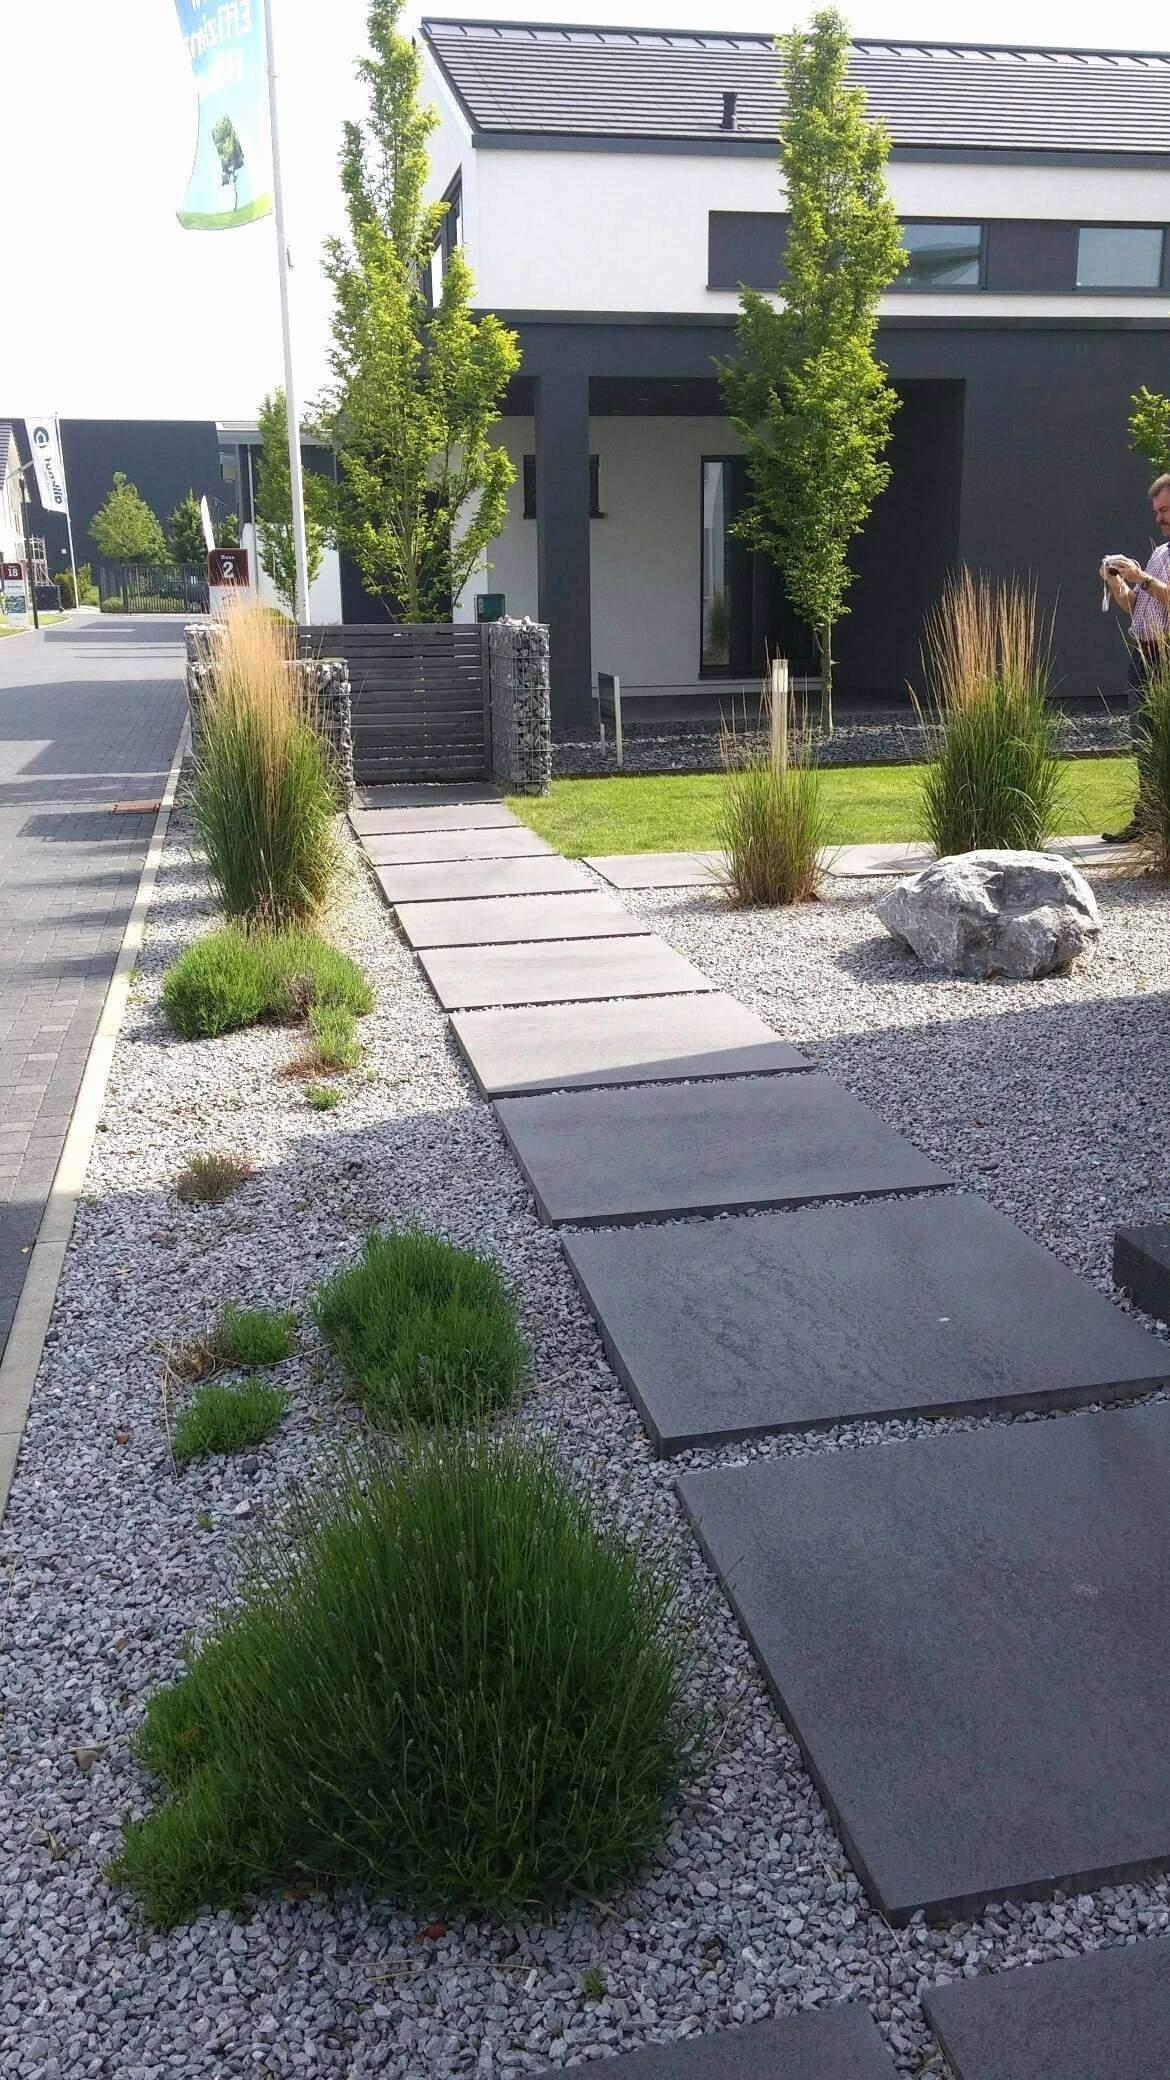 Hanglage Garten Das Beste Von Garten Ideas Garten Anlegen Lovely Aussenleuchten Garten 0d